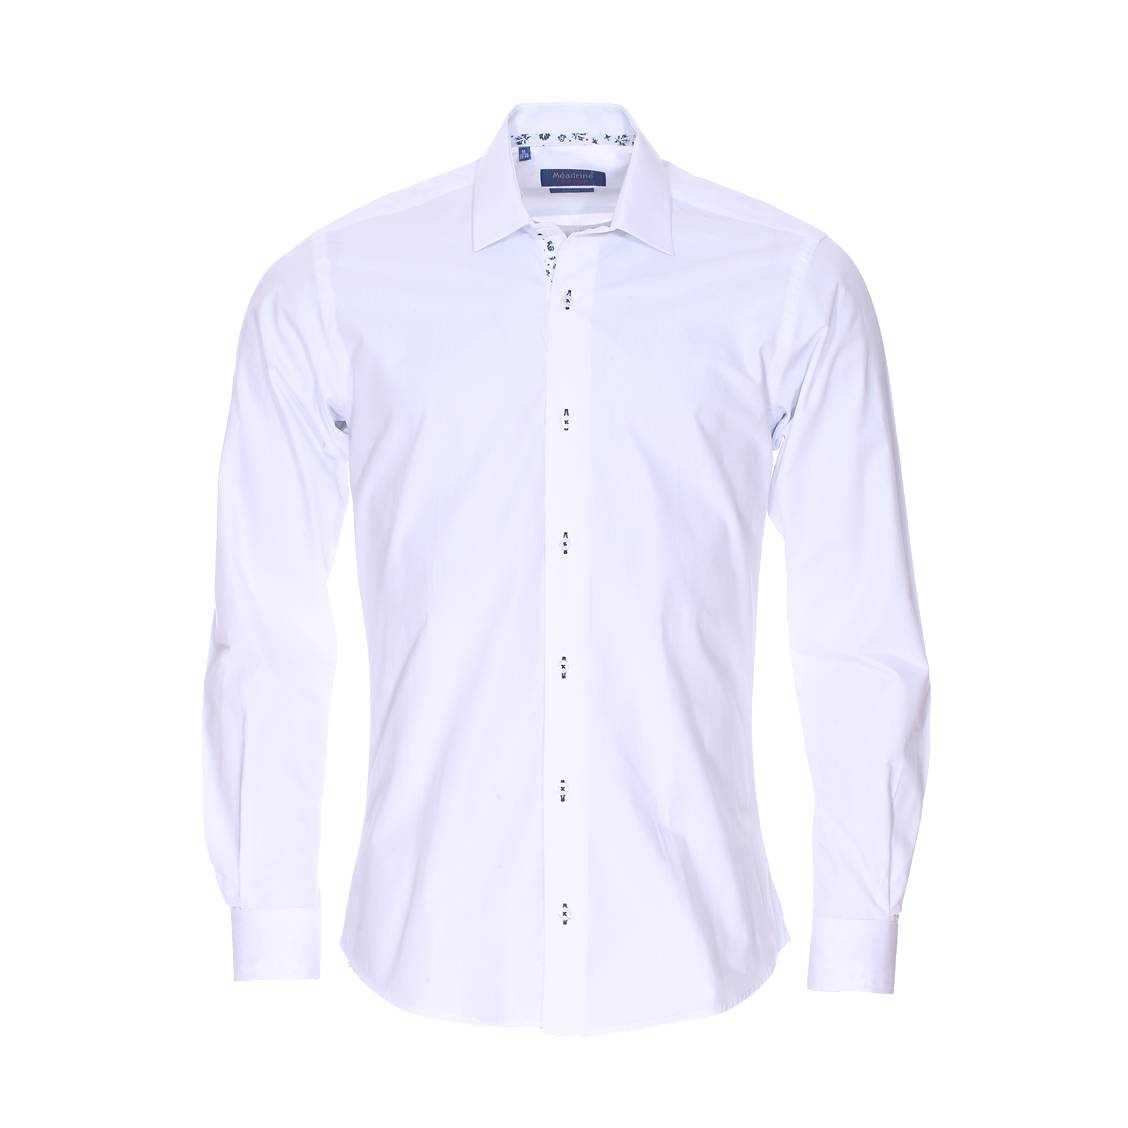 chemise cintr e m adrine en coton blanc bande blanche motifs bleu marine l 39 int rieur du col. Black Bedroom Furniture Sets. Home Design Ideas